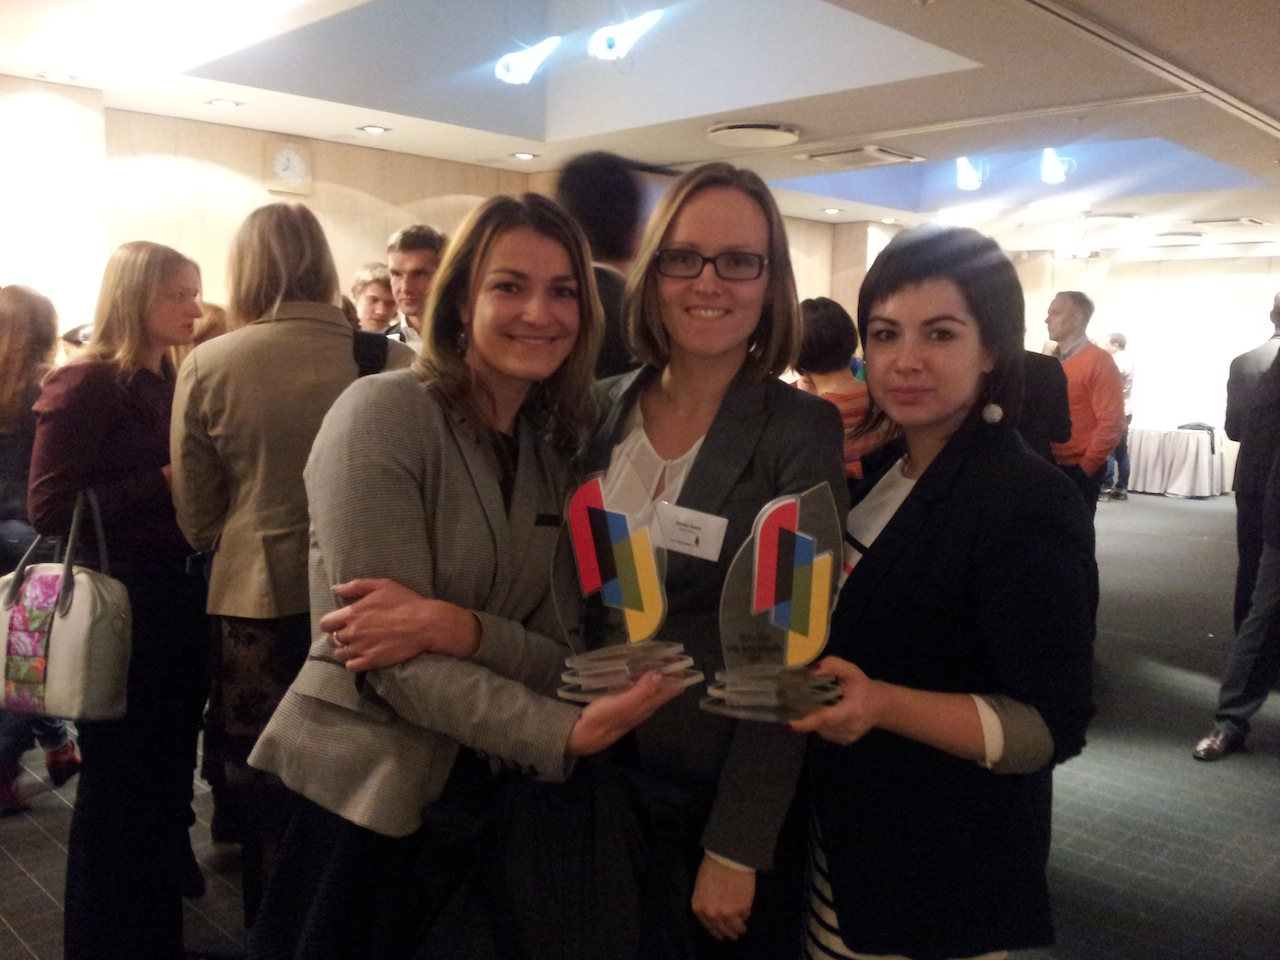 Trīs Deep White kampaņas saņem augstāko apbalvojumu Baltic PR Awards 2012